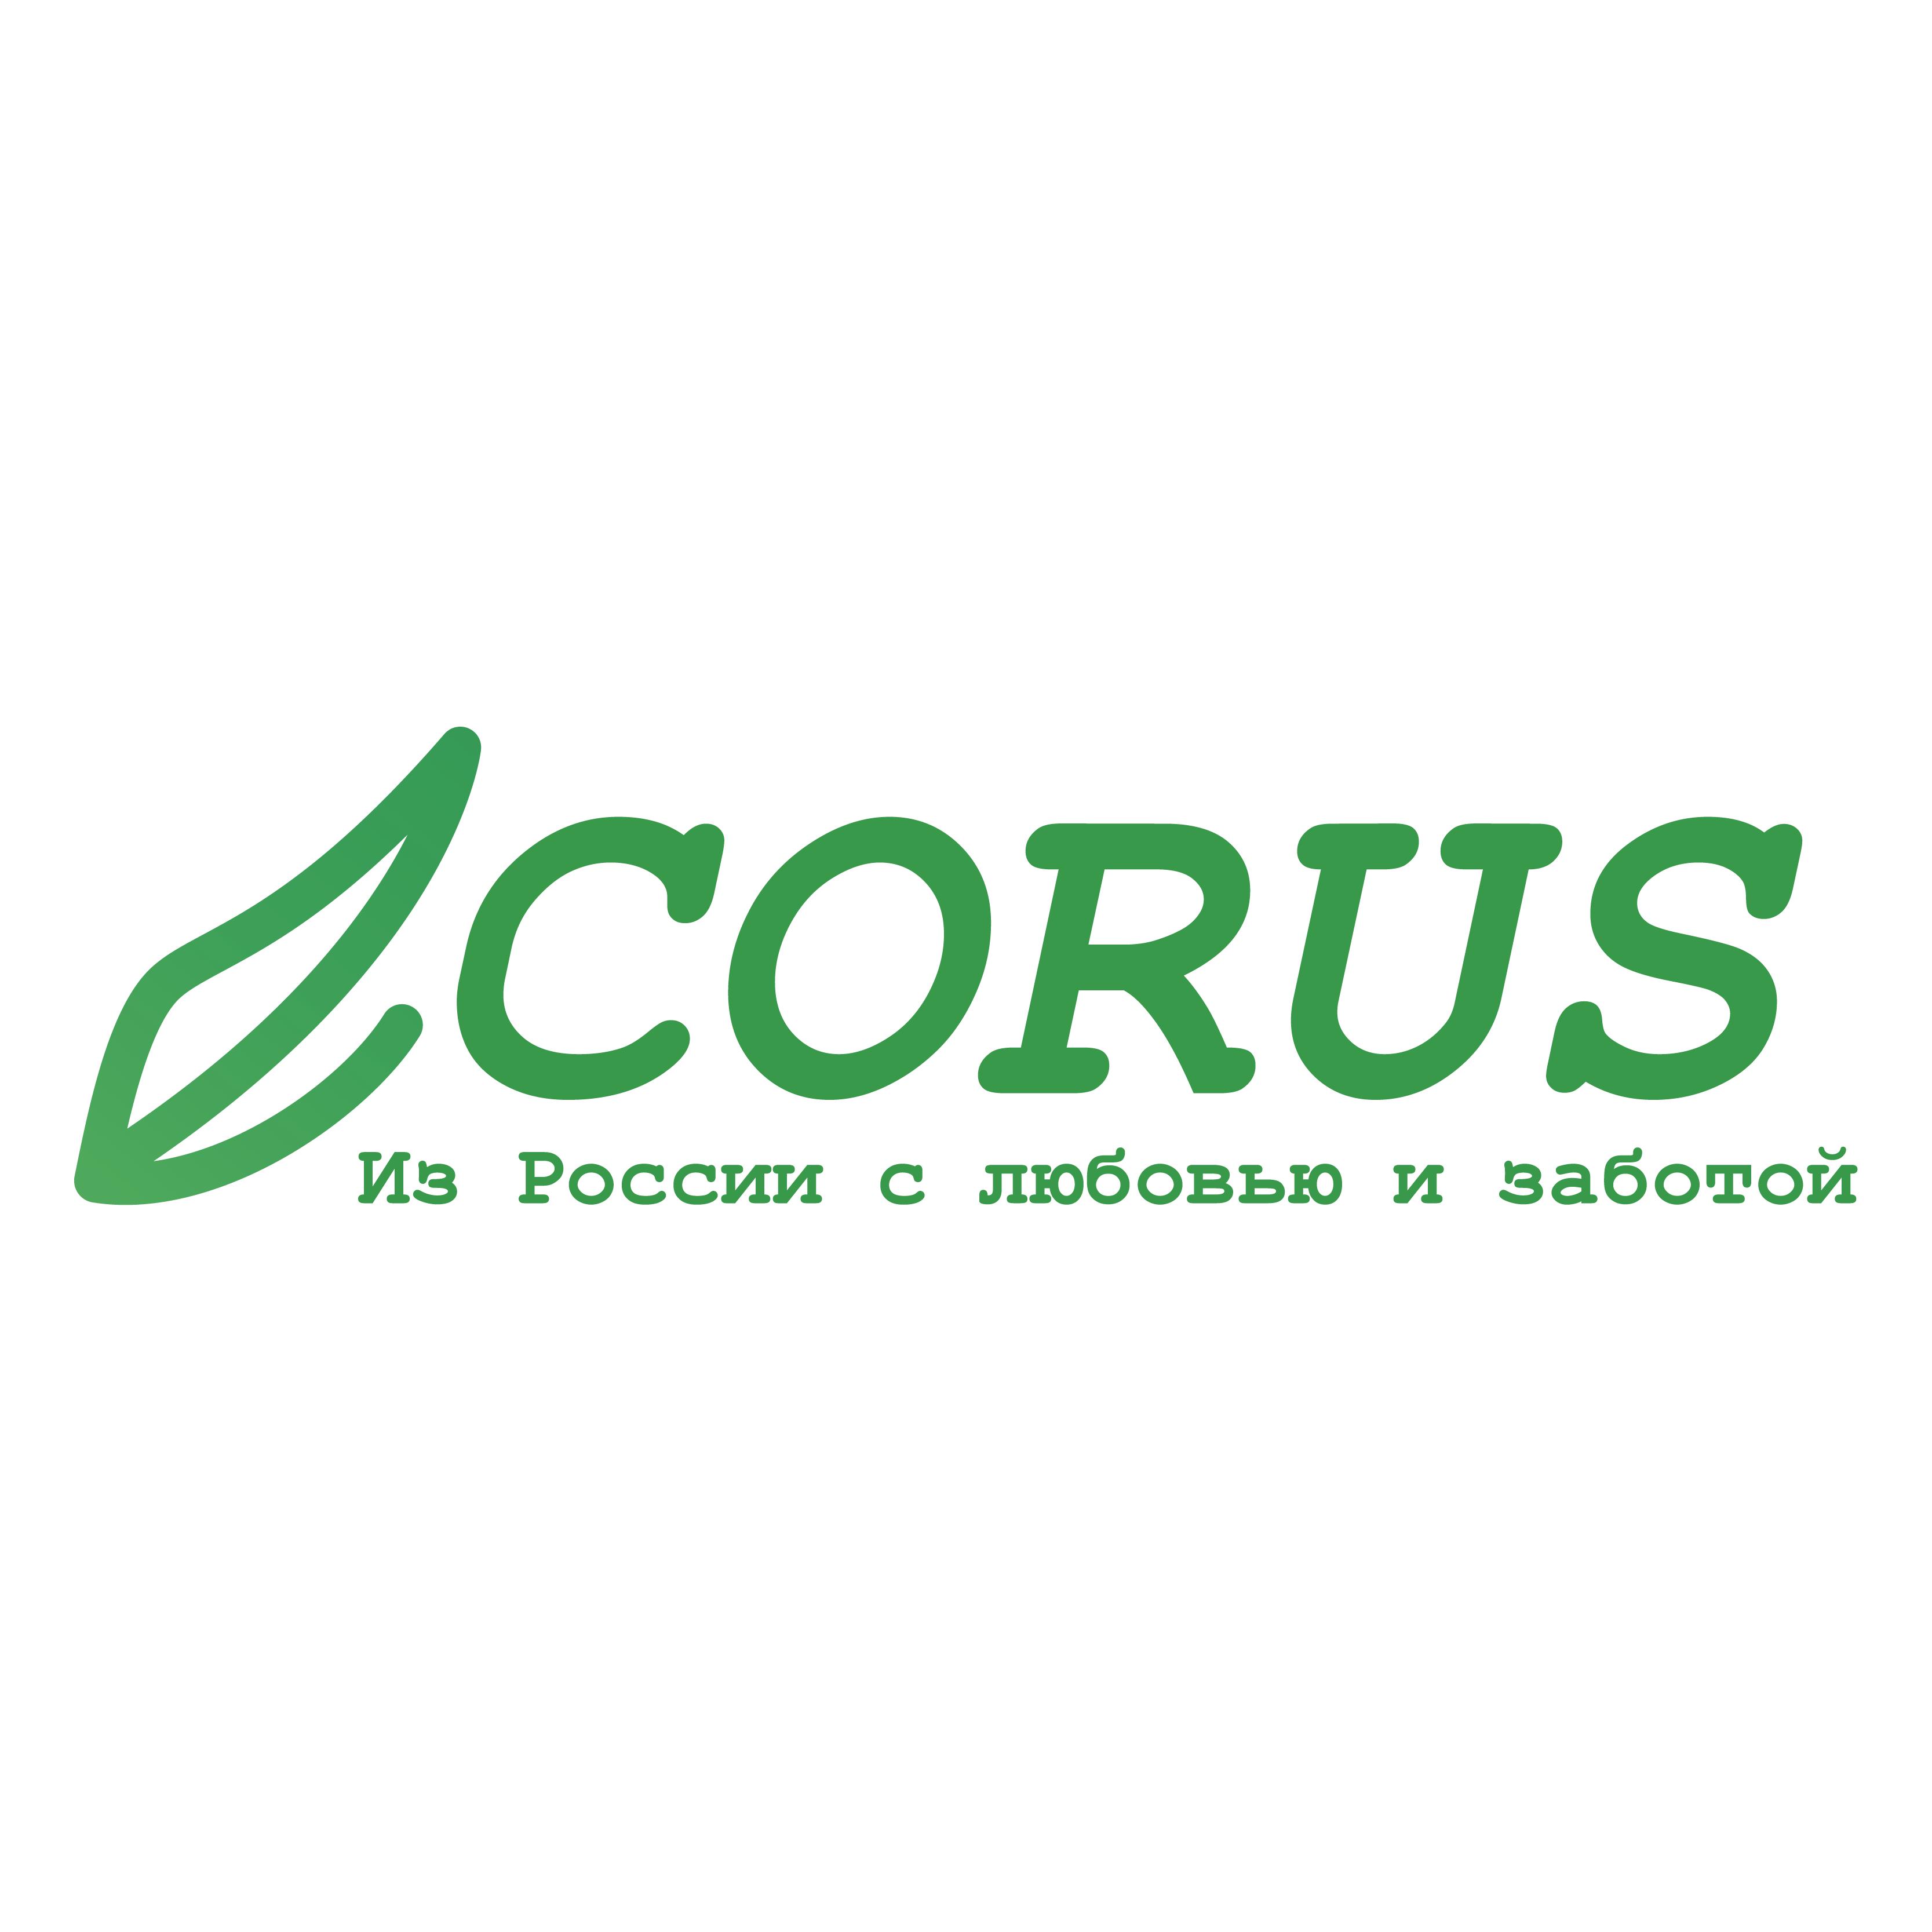 Логотип для поставщика продуктов питания из России в Китай фото f_4395ea96fb1cce50.png